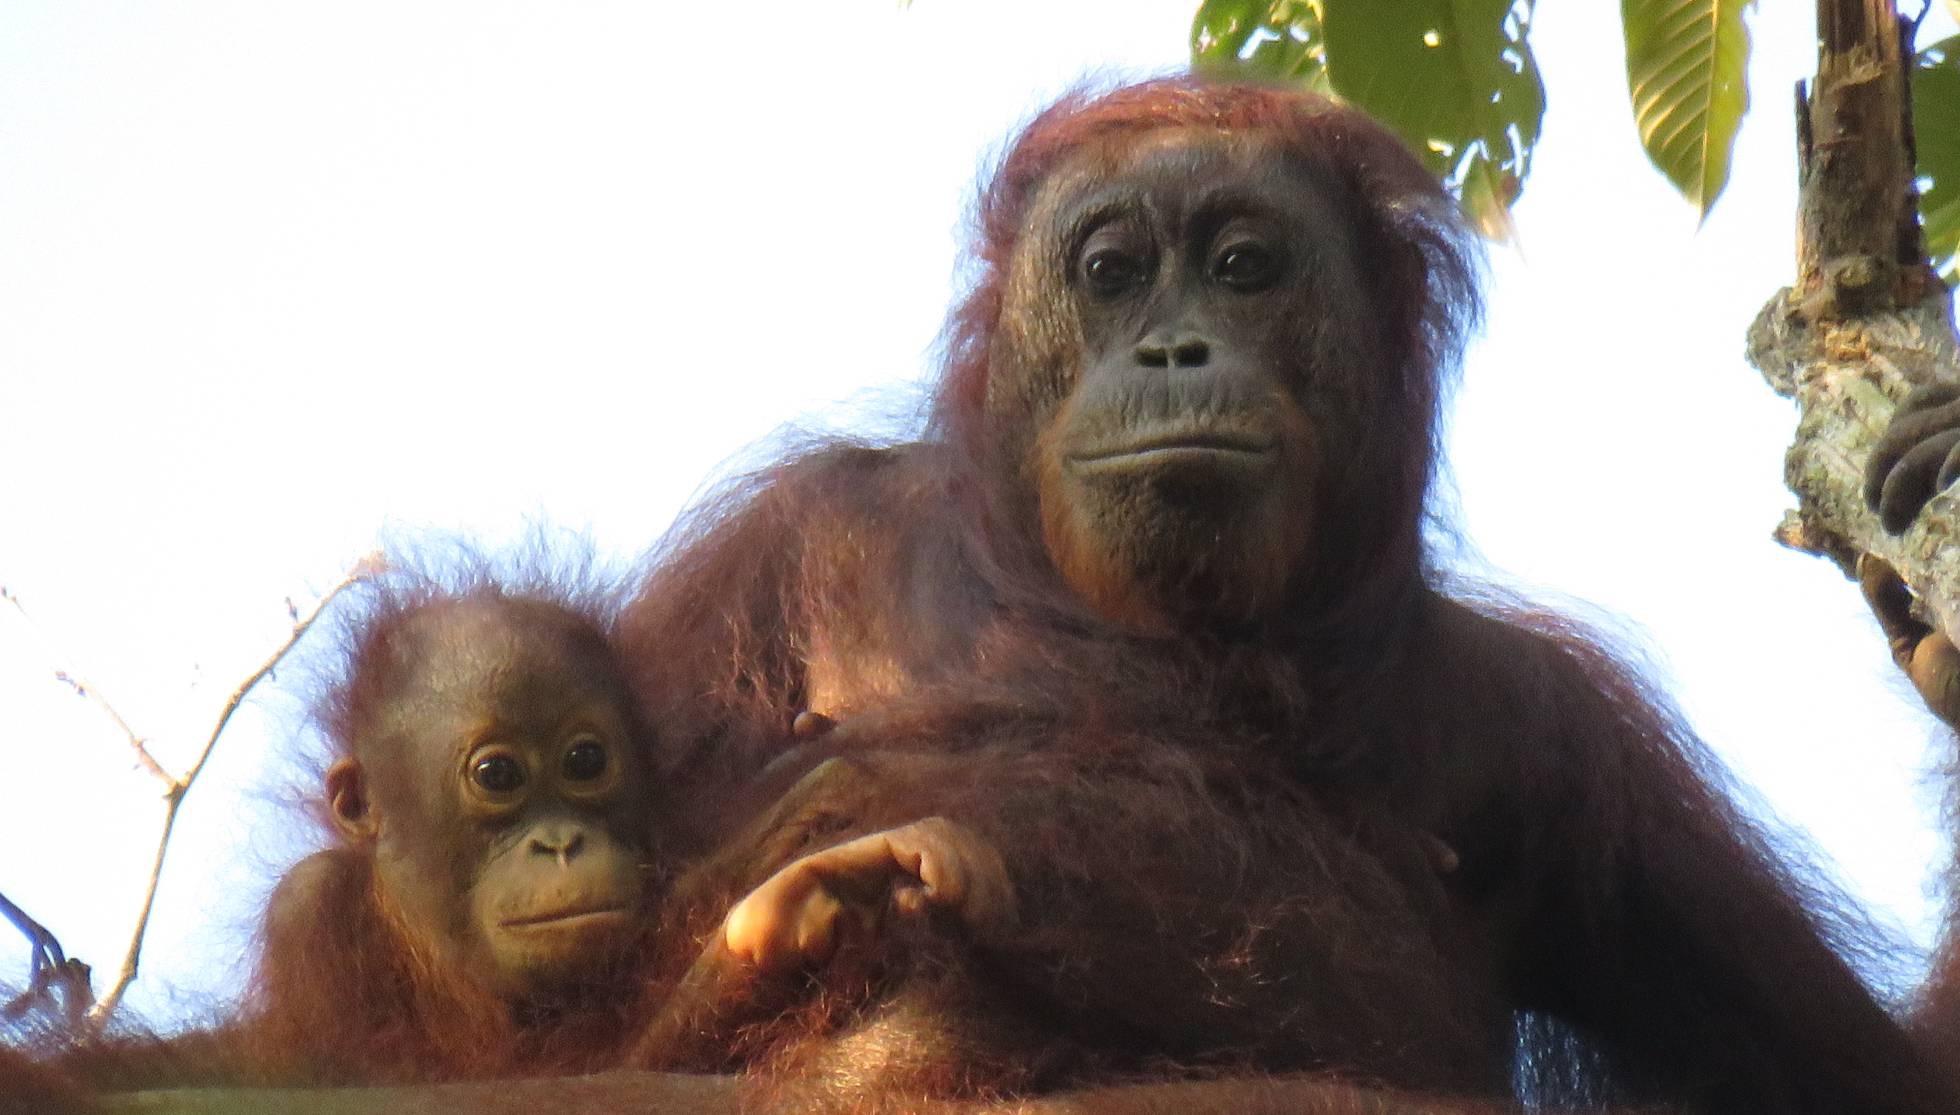 aceite de palma orangutan